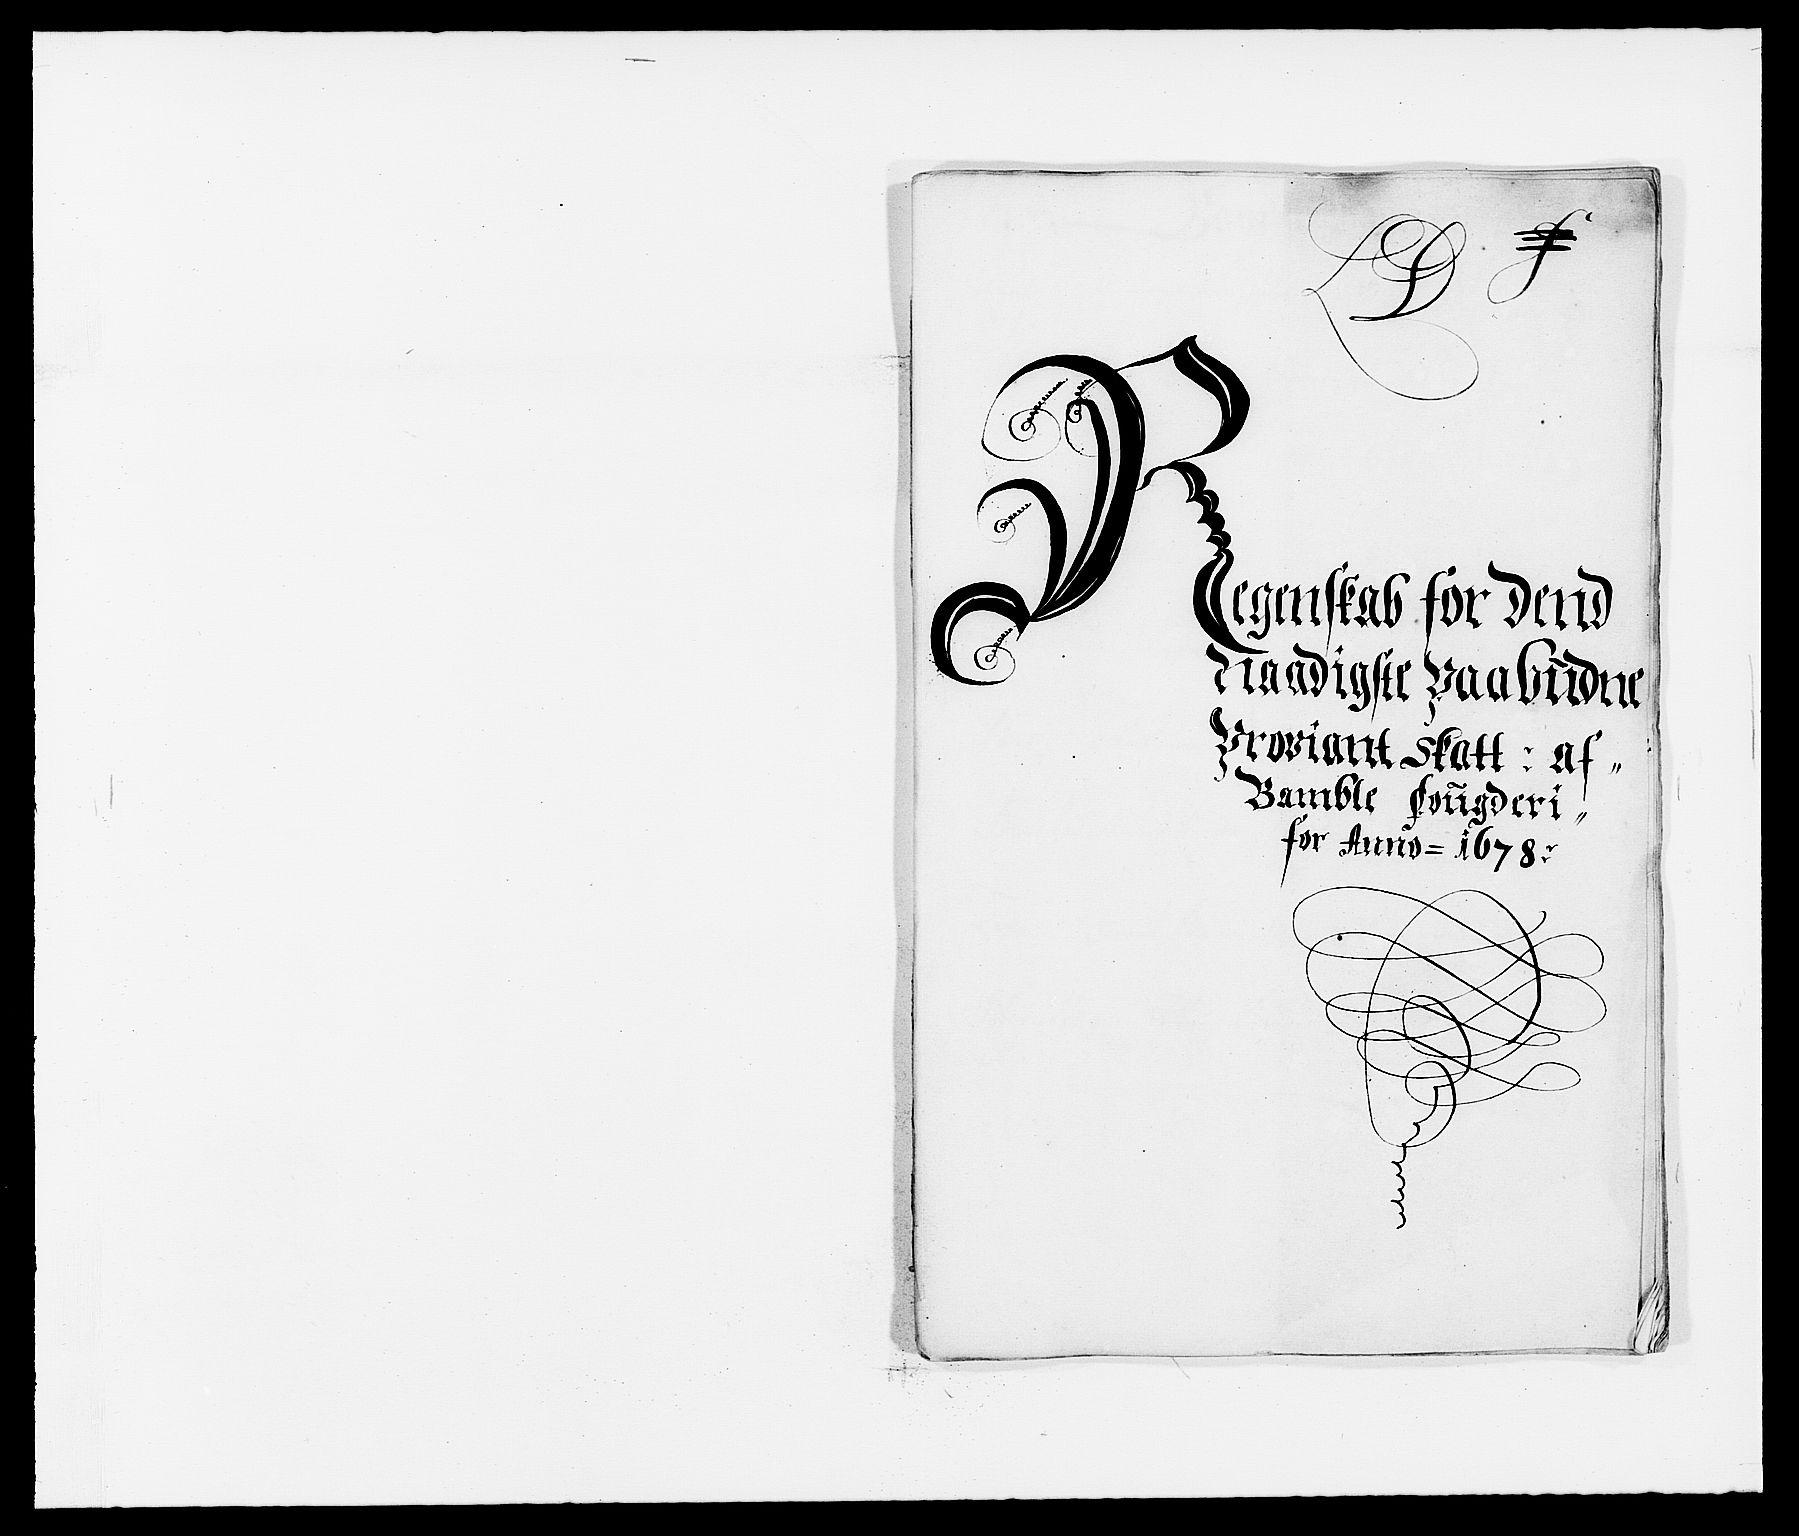 RA, Rentekammeret inntil 1814, Reviderte regnskaper, Fogderegnskap, R34/L2044: Fogderegnskap Bamble, 1678-1679, s. 83